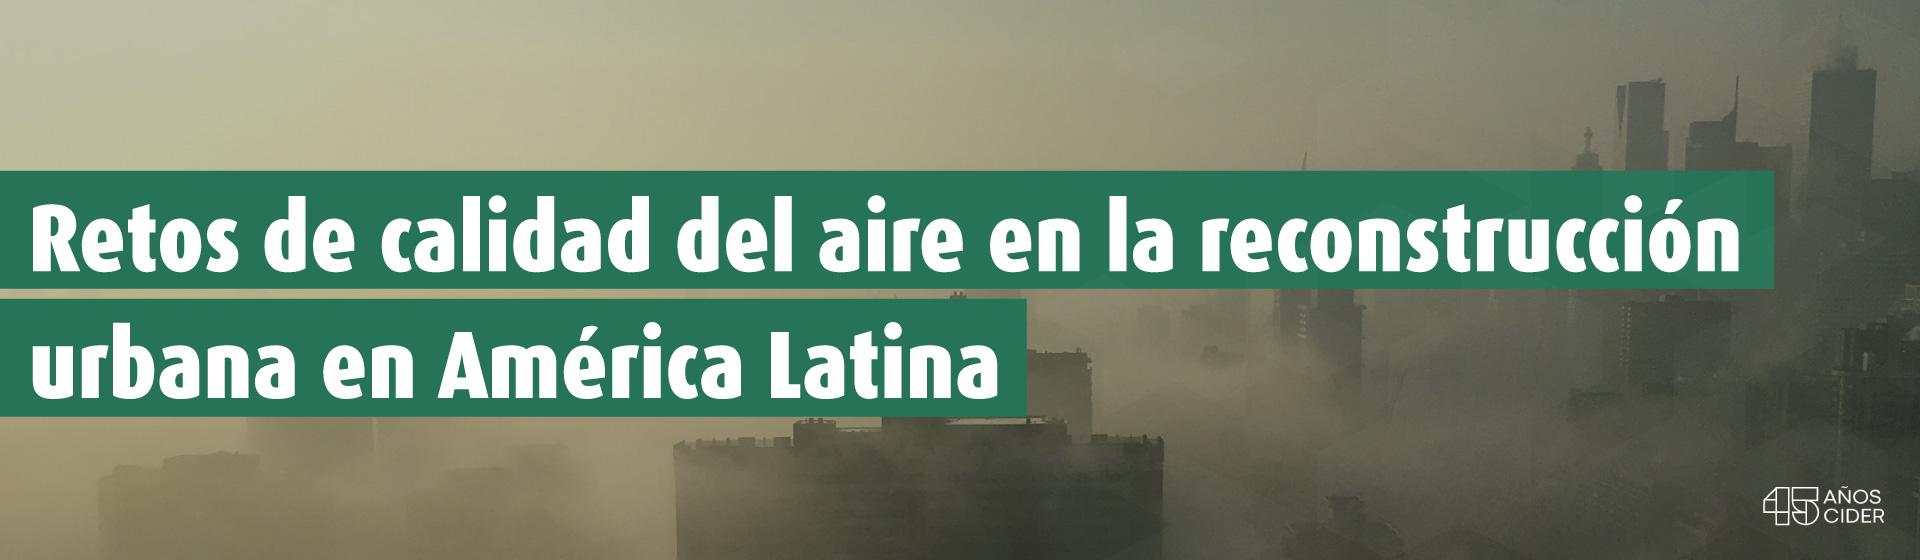 Retos de calidad del aire en la reconstrucción urbana en América Latina